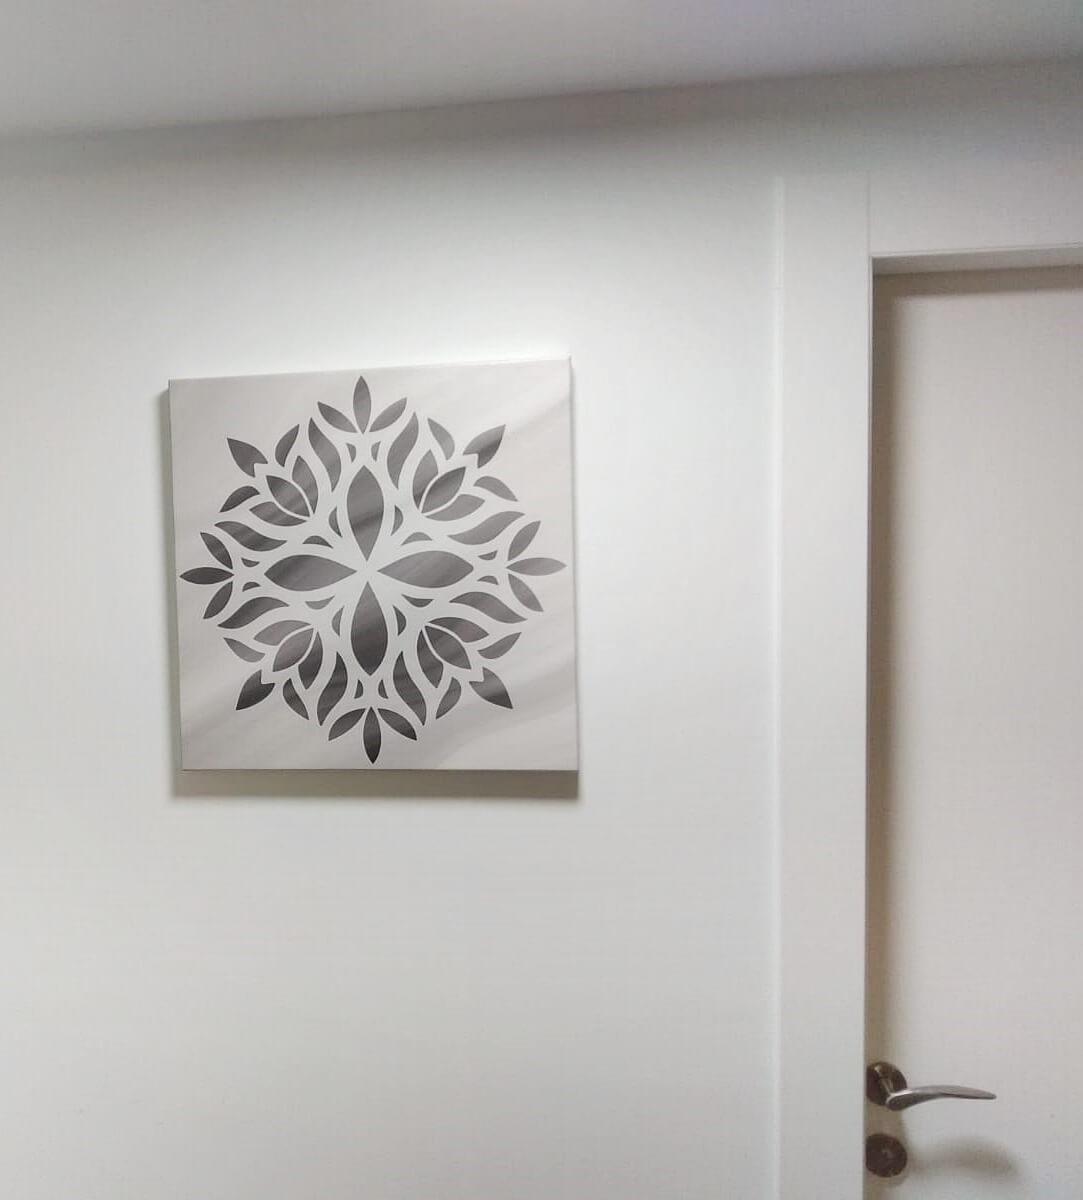 תמונה לקיר מסדרון, מנדלה 43